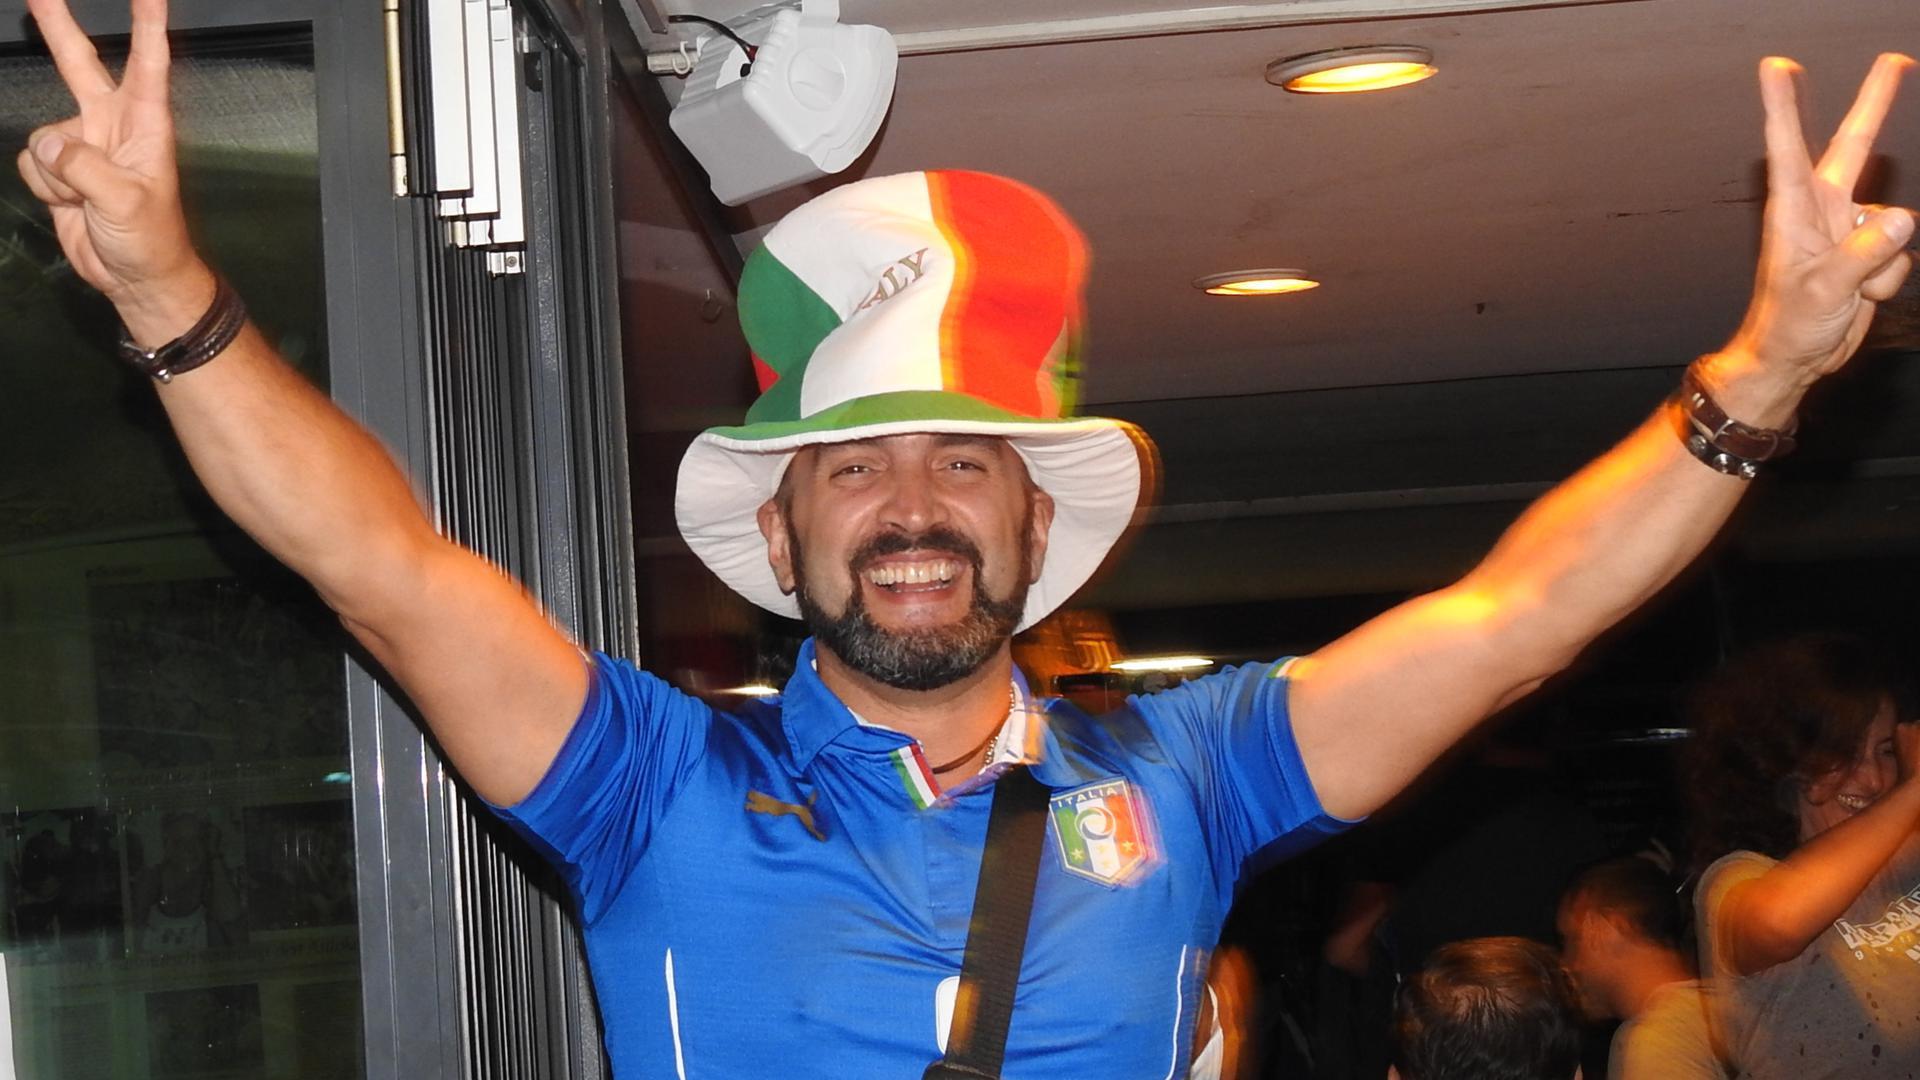 Grinst im Kreis: Vincenzo Urso freut sich nach dem Sieg der italienischen Mannschaft nach dem Elfmeterschießen.